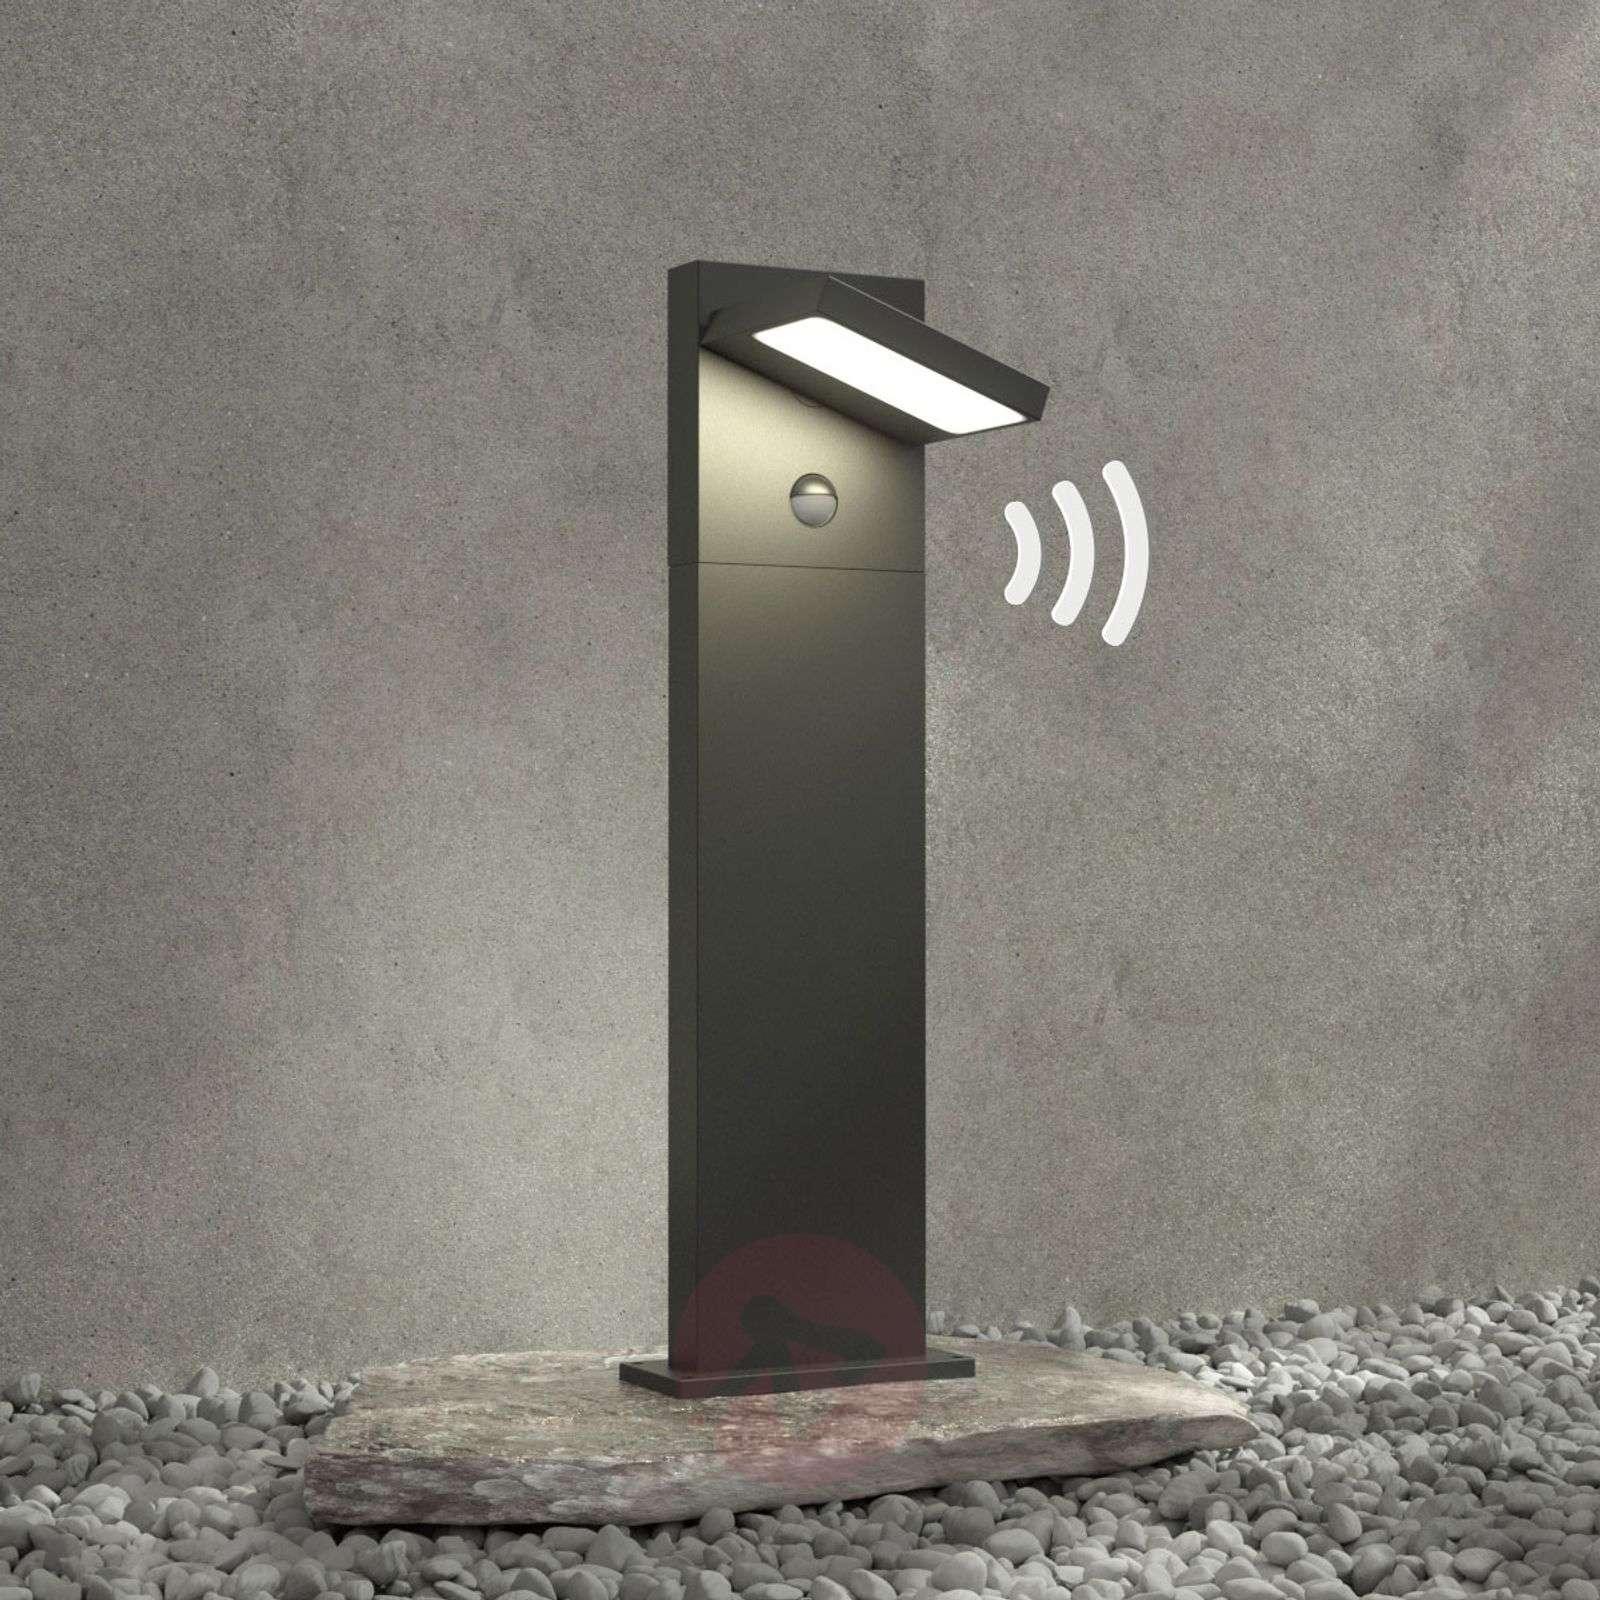 LED-pollarivalaisin Silvan, 65 cm, liikkeentunn.-9619177-02